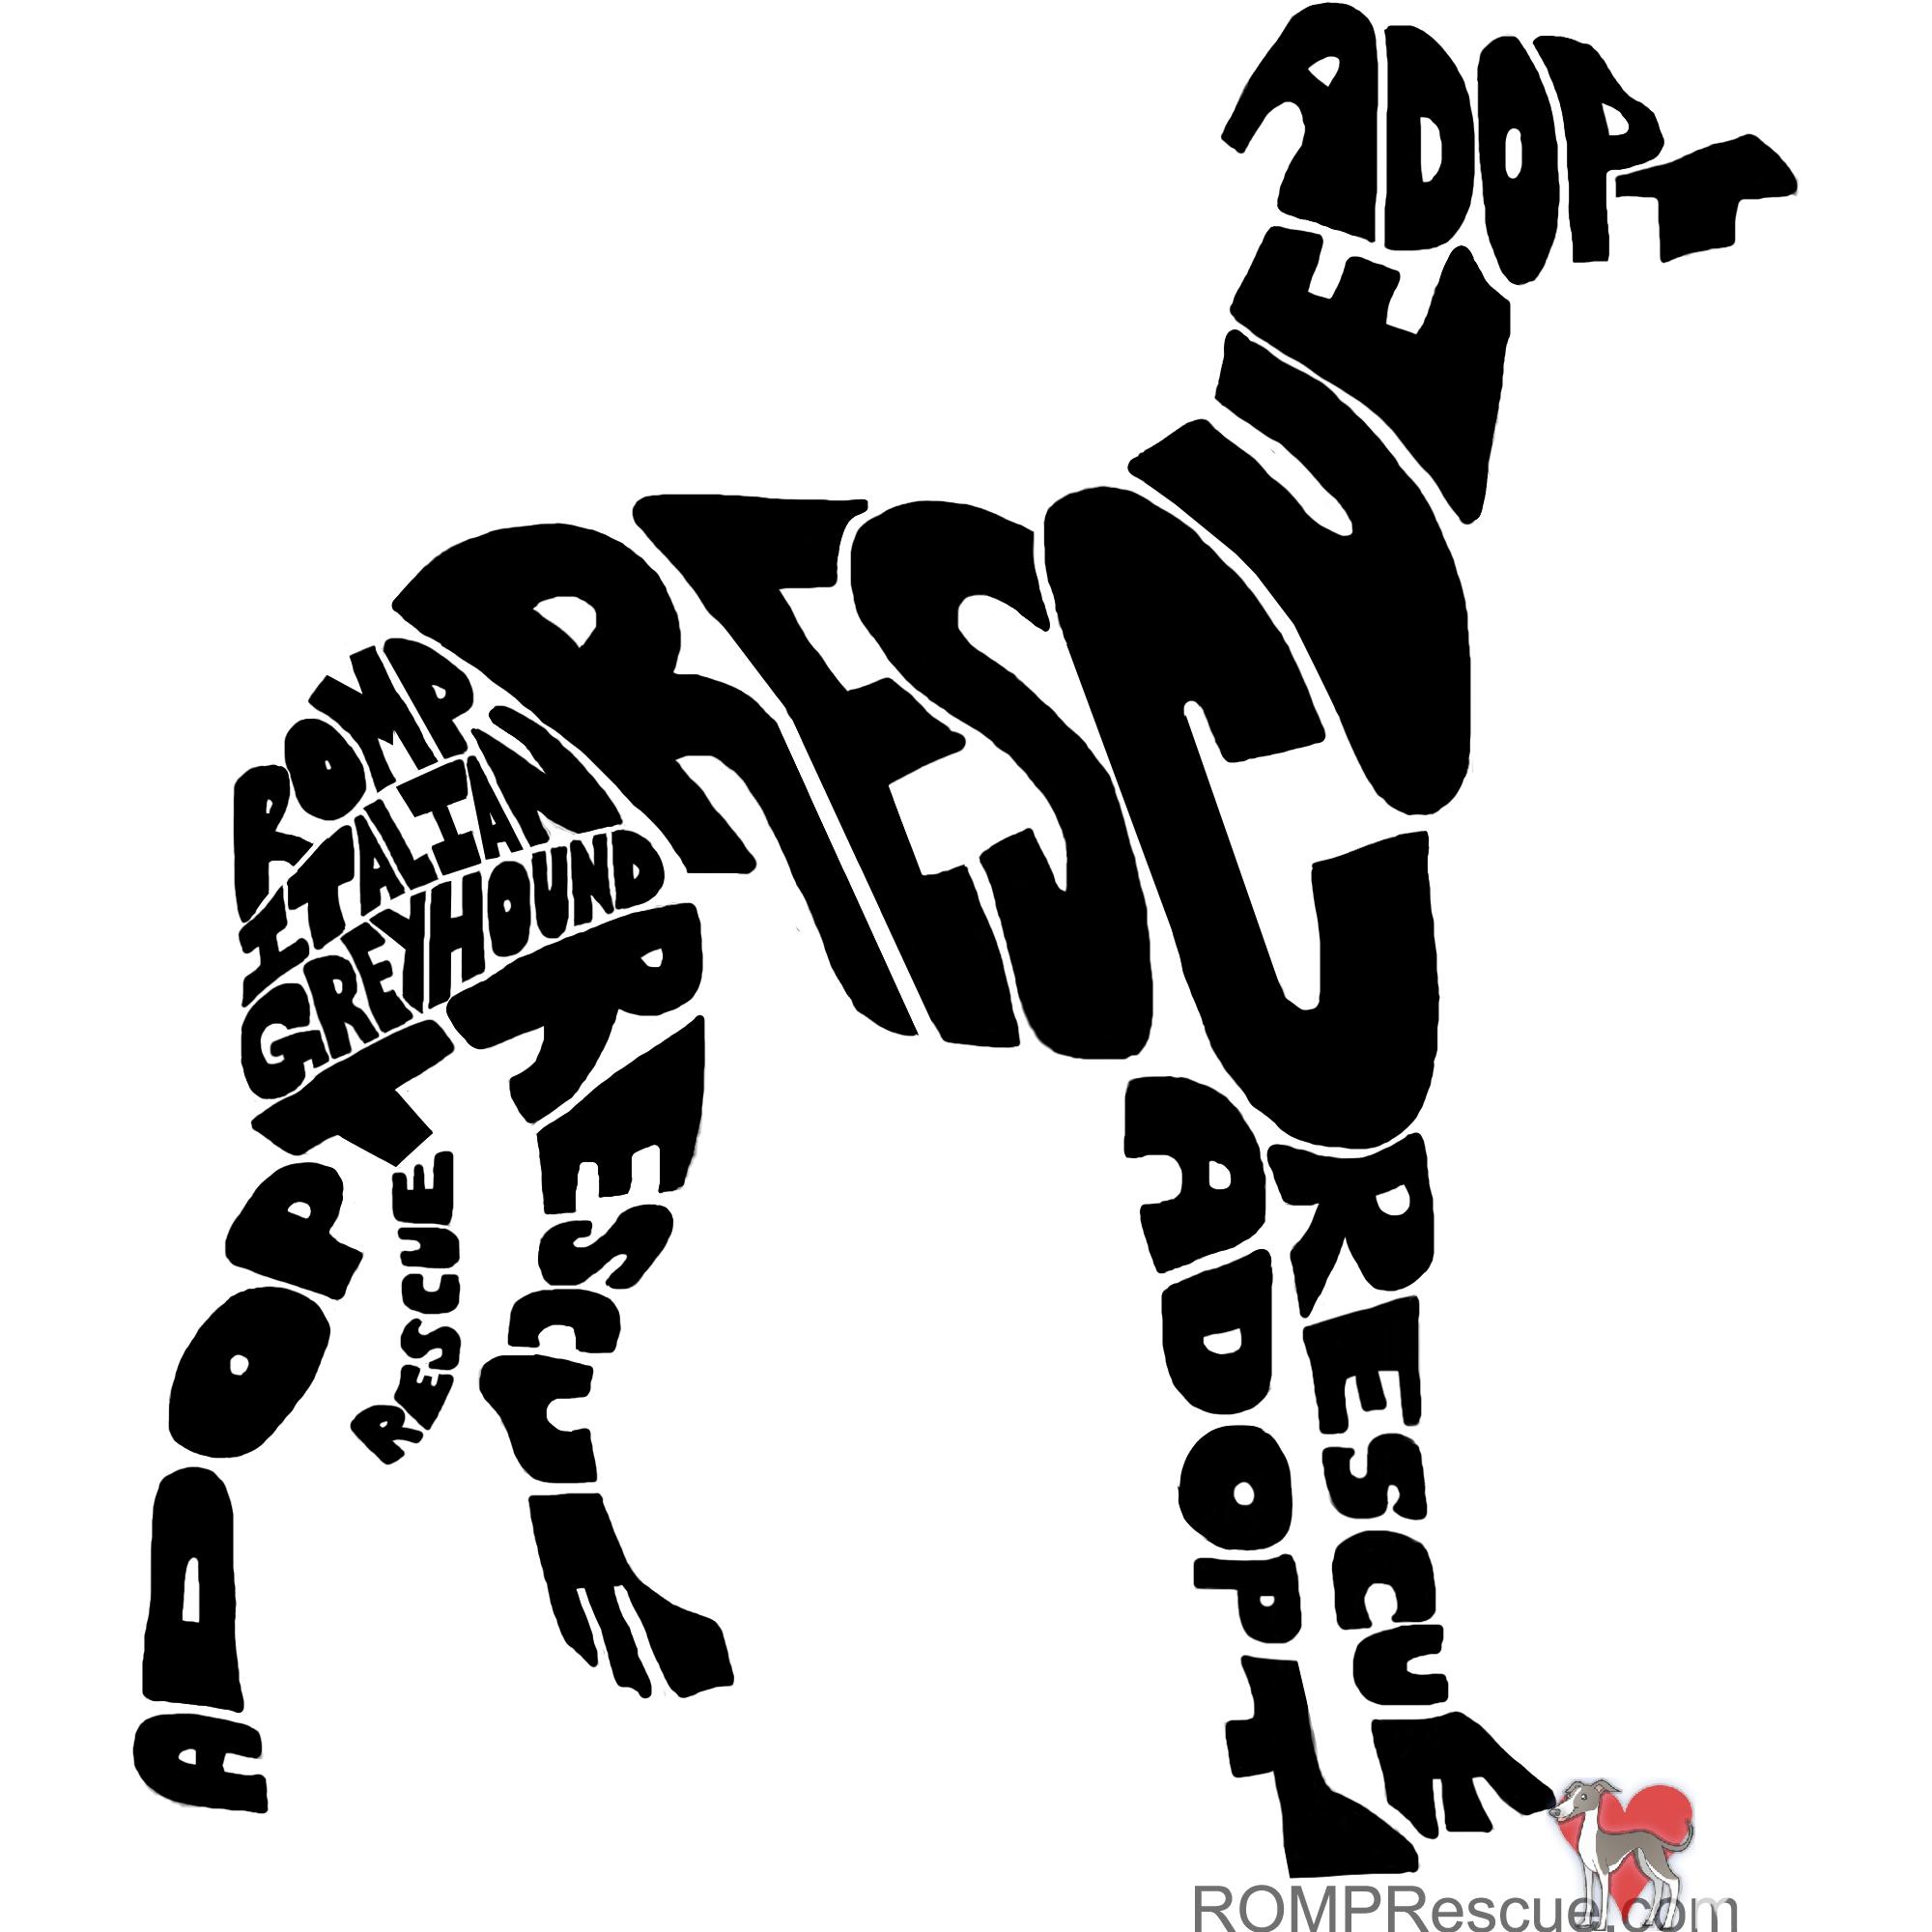 Italian Greyhound Ear Language TShirt, Italian Greyhound, IG, Iggy, IG shirt, Italian Greyhound shirt